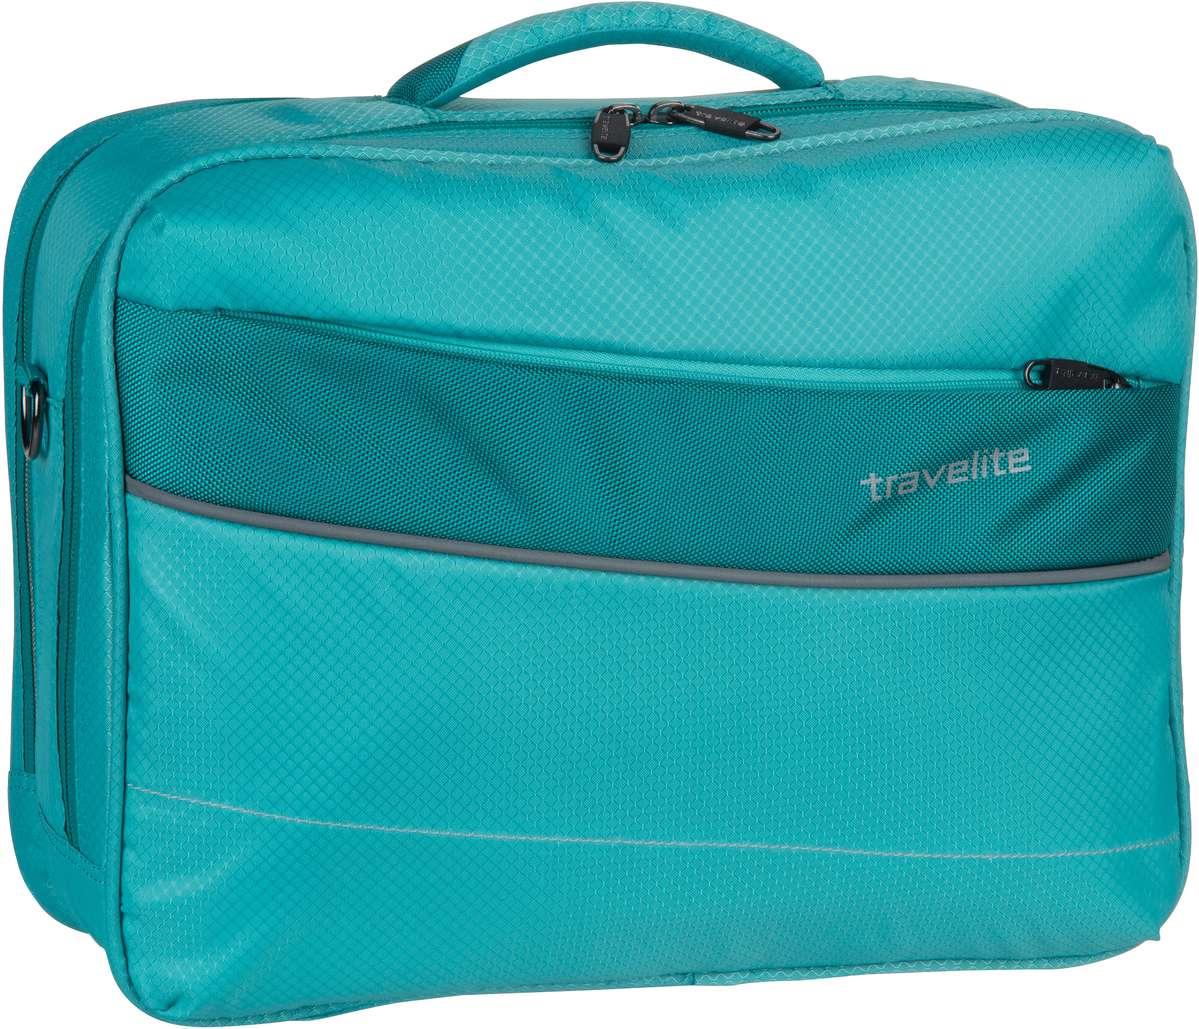 Businesstaschen für Frauen - travelite Kite Bordtasche Mint Aktentasche  - Onlineshop Taschenkaufhaus